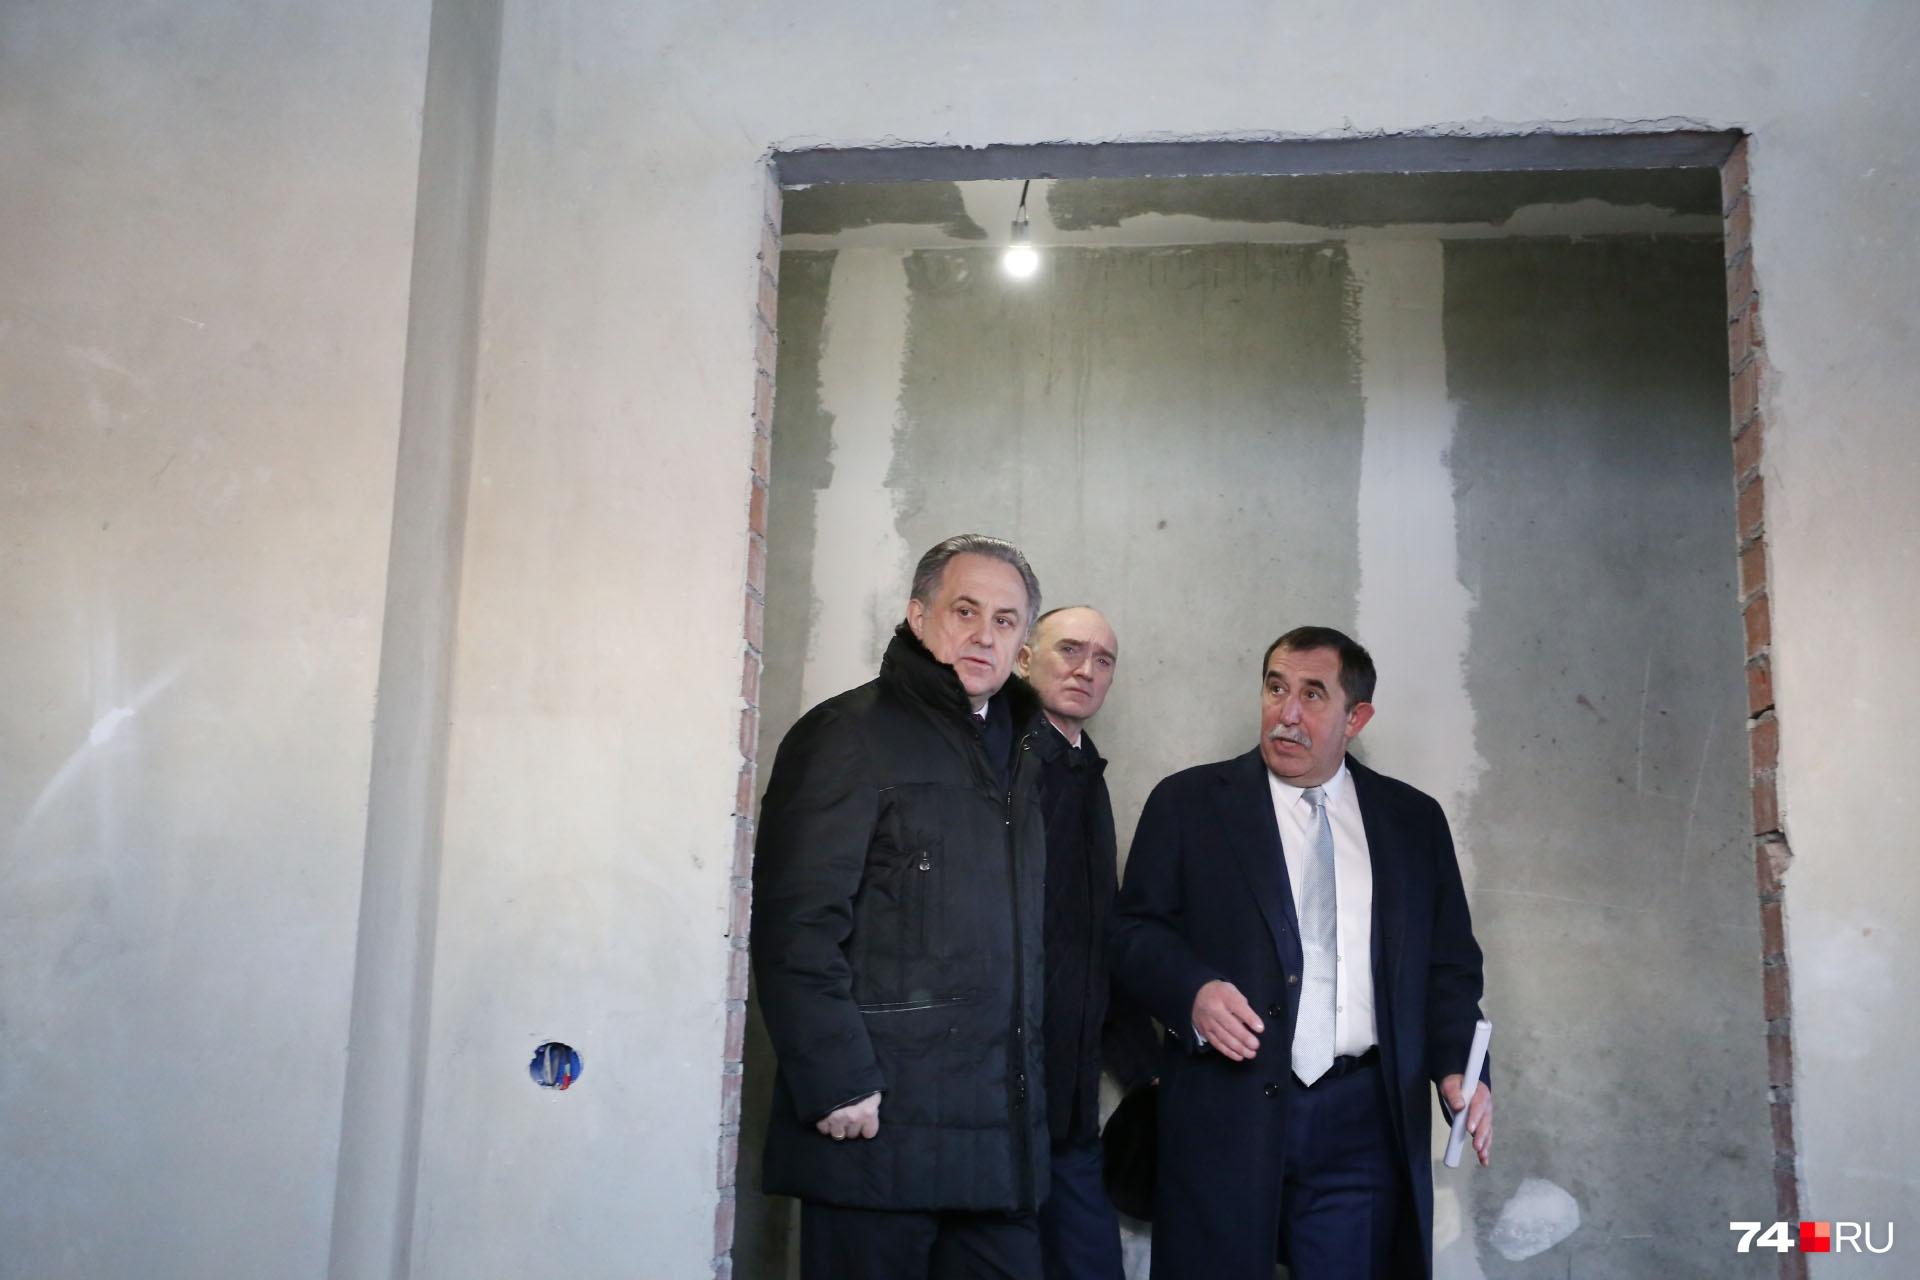 Чиновника провели по этажам руководитель компании-застройщика Олег Лакницкий и губернатор Борис Дубровский